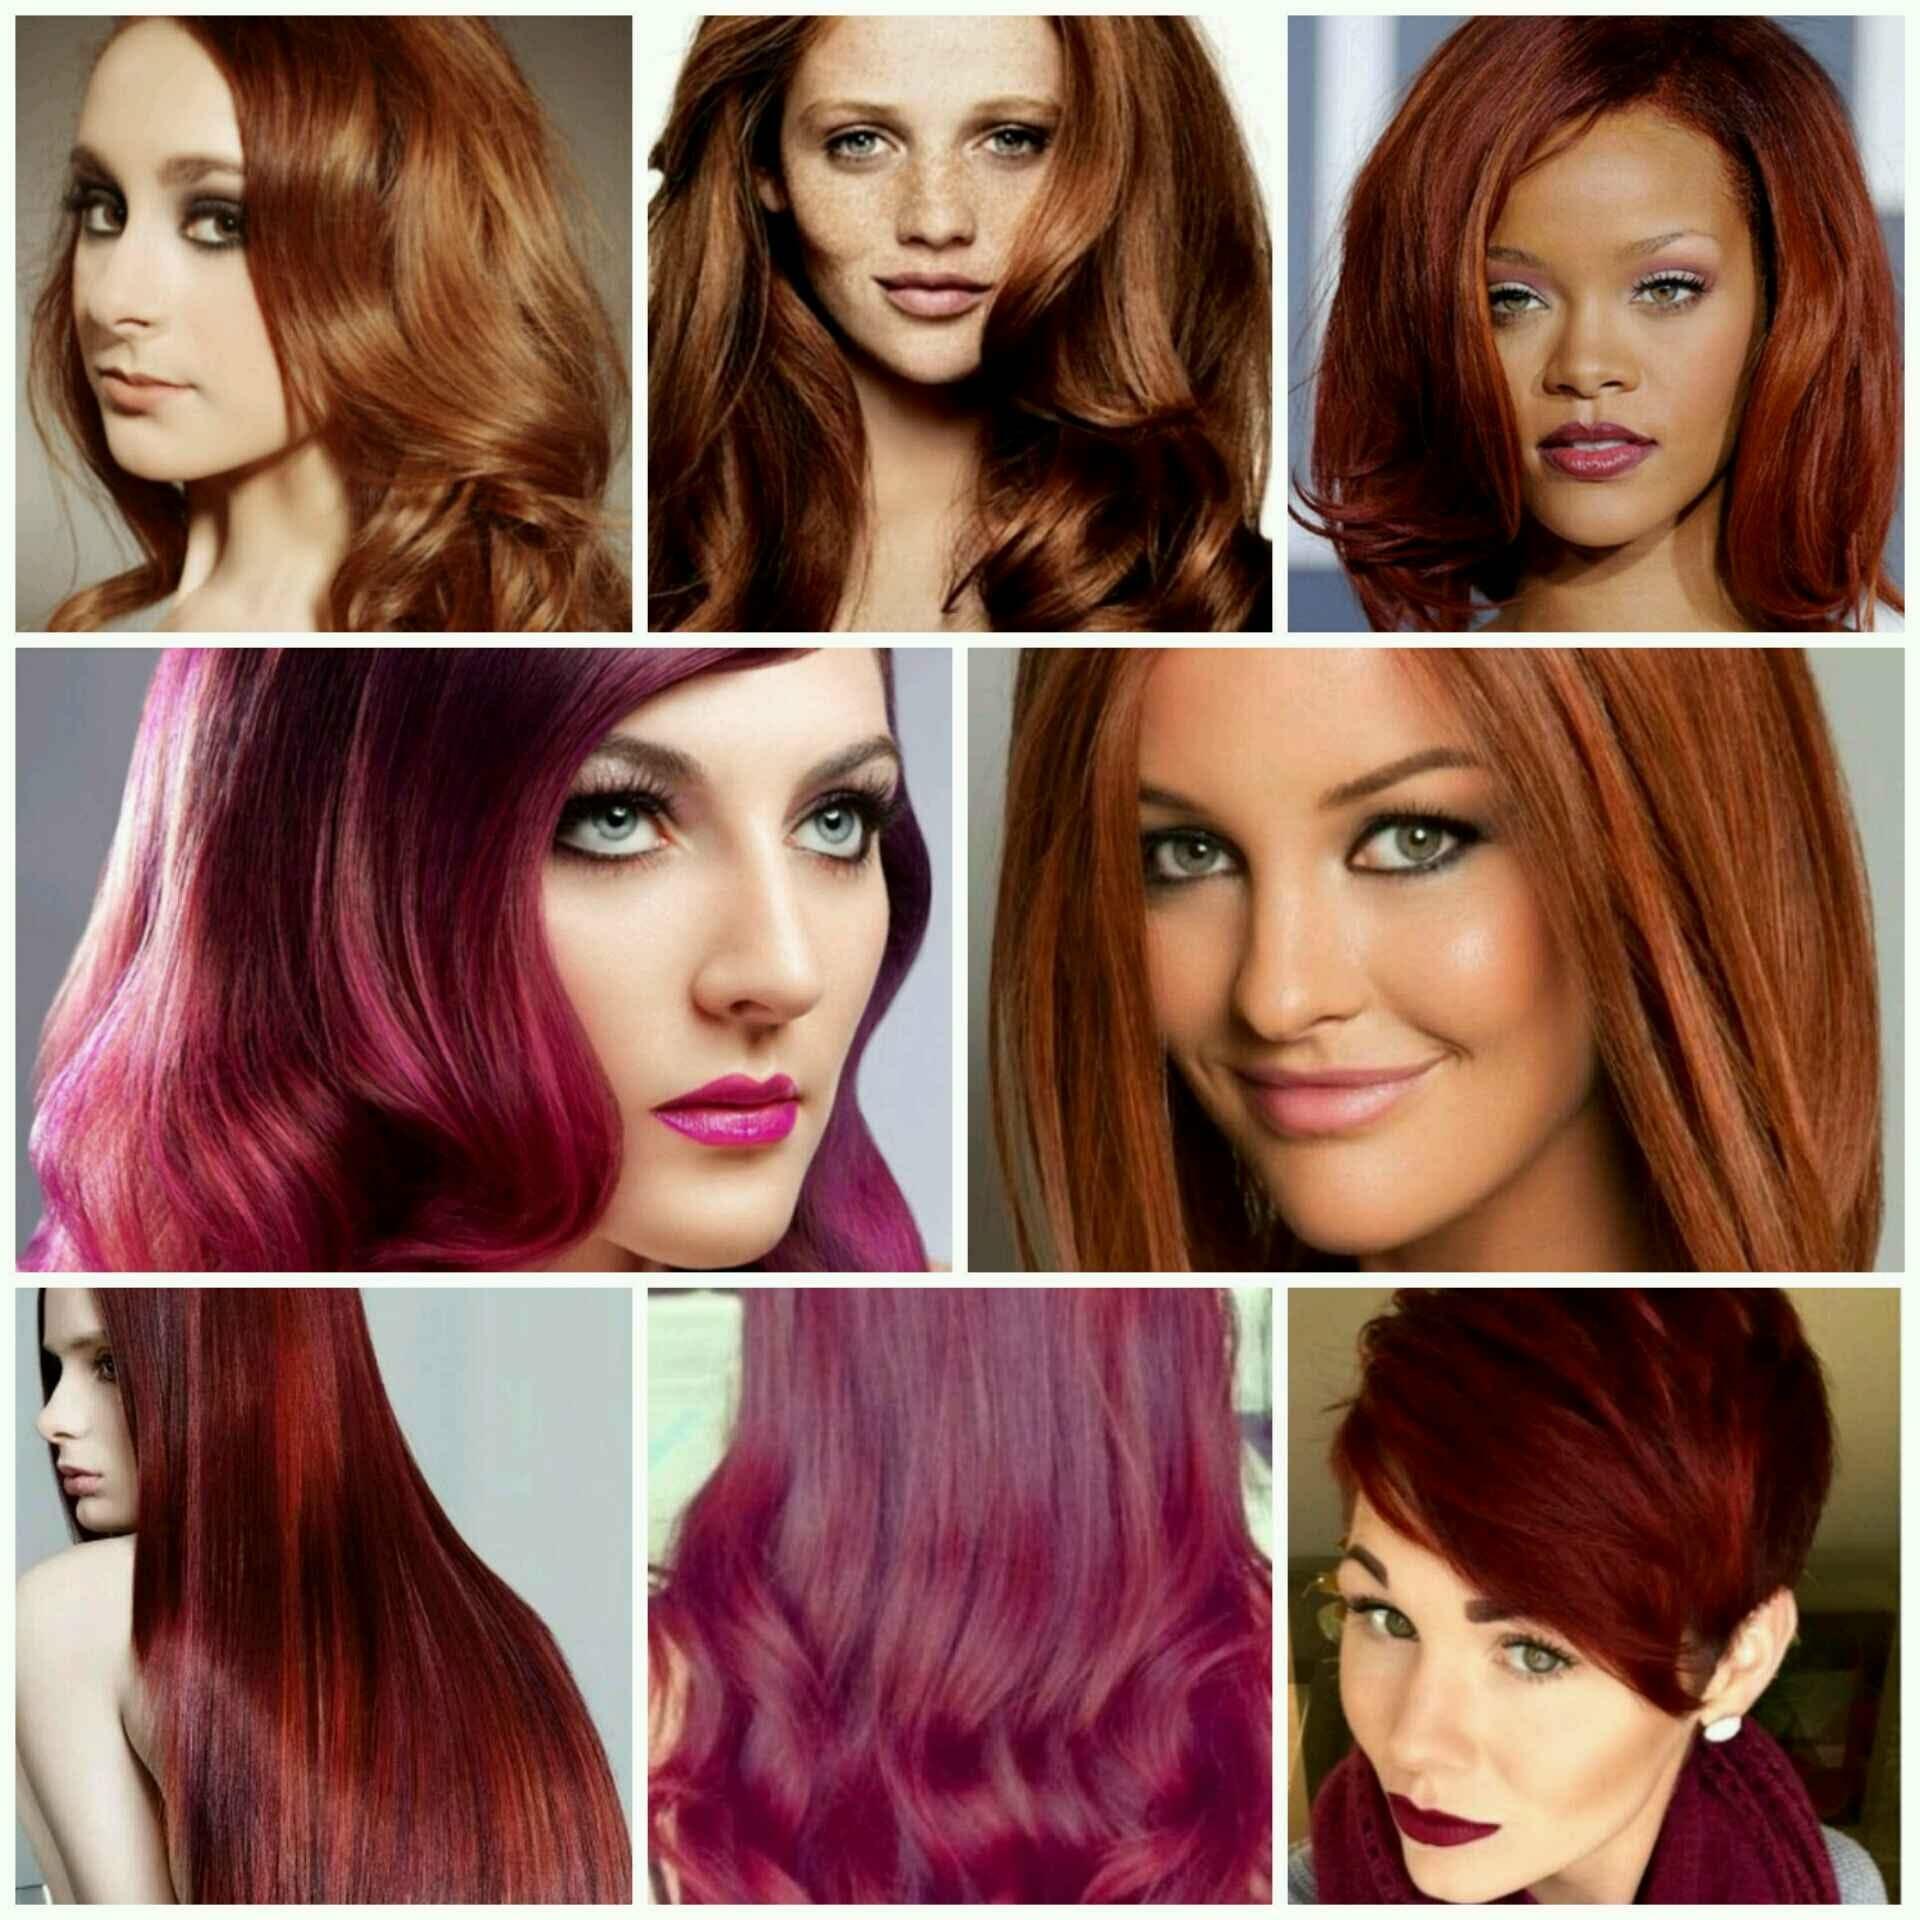 طرق إختيار ألوان الشعر التى تناسب البشرة والعيون حلوة